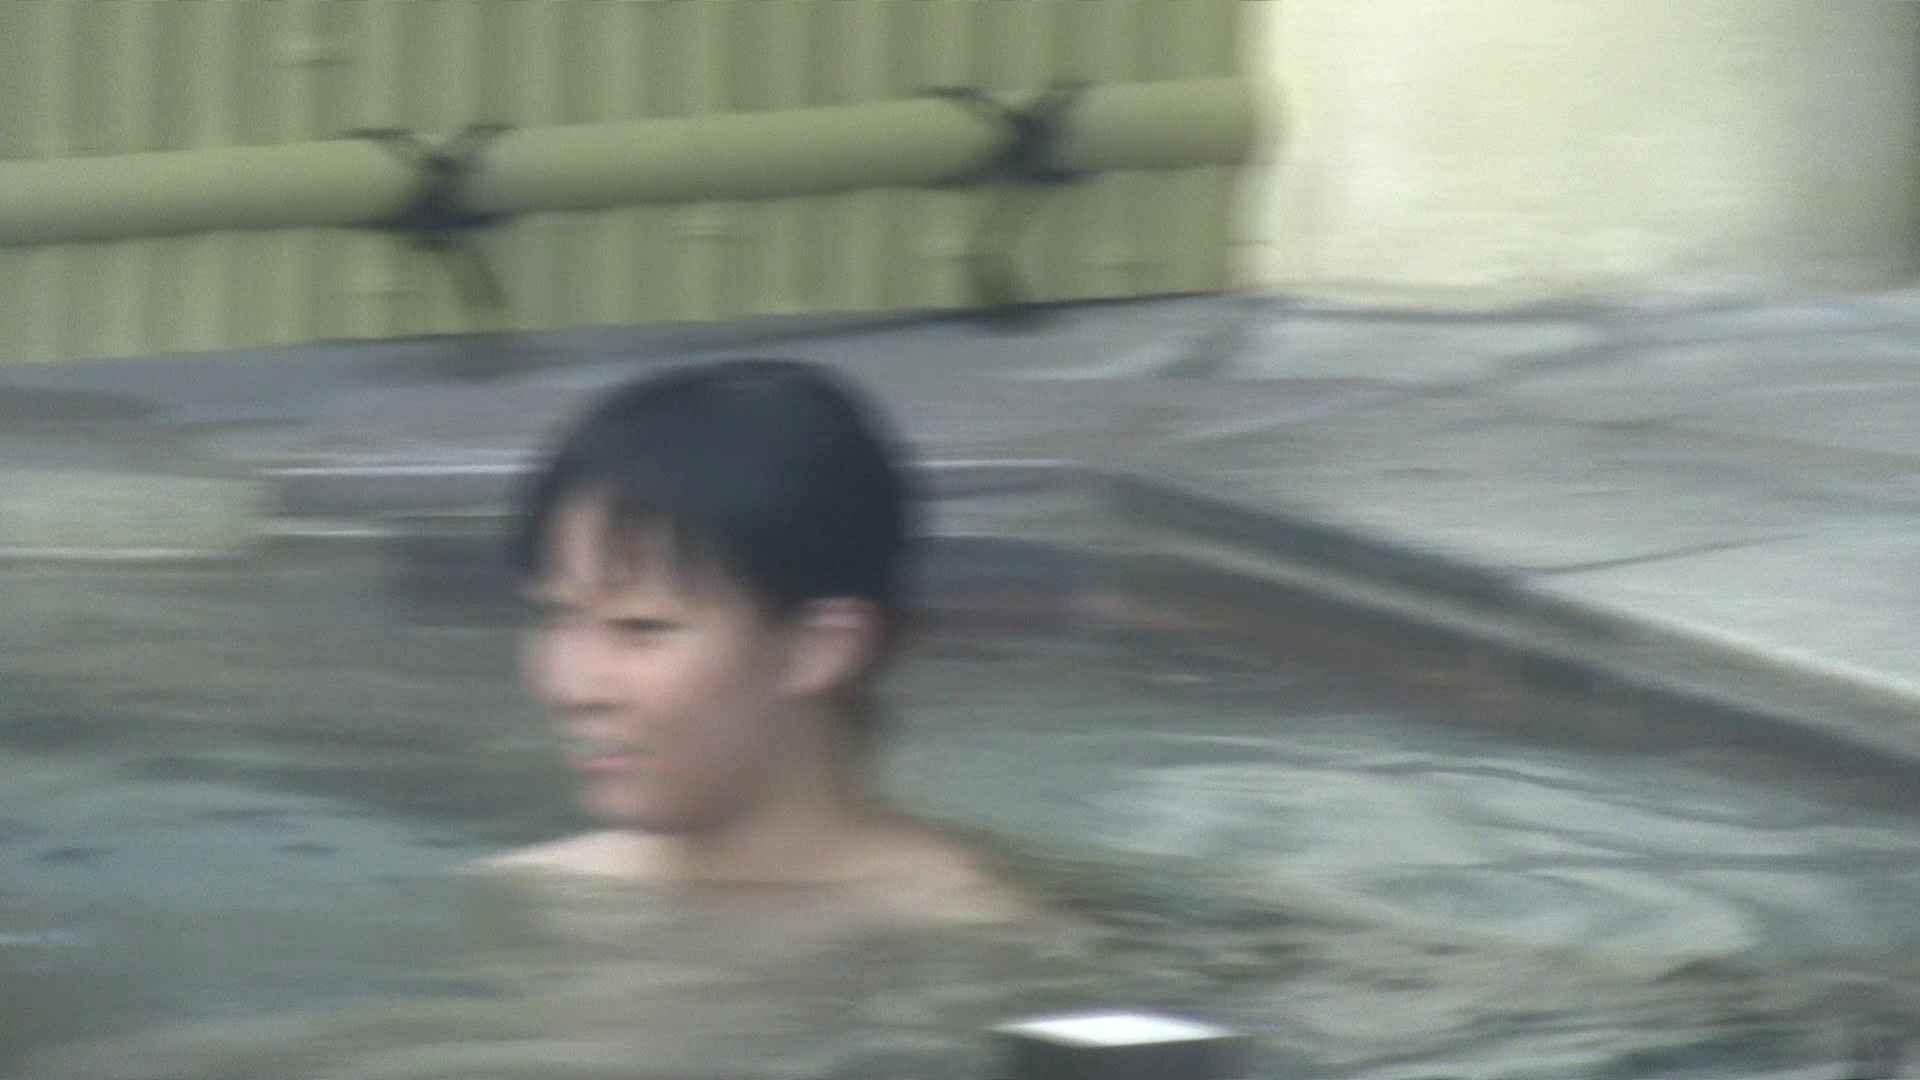 Aquaな露天風呂Vol.196 露天 | 盗撮  61連発 10